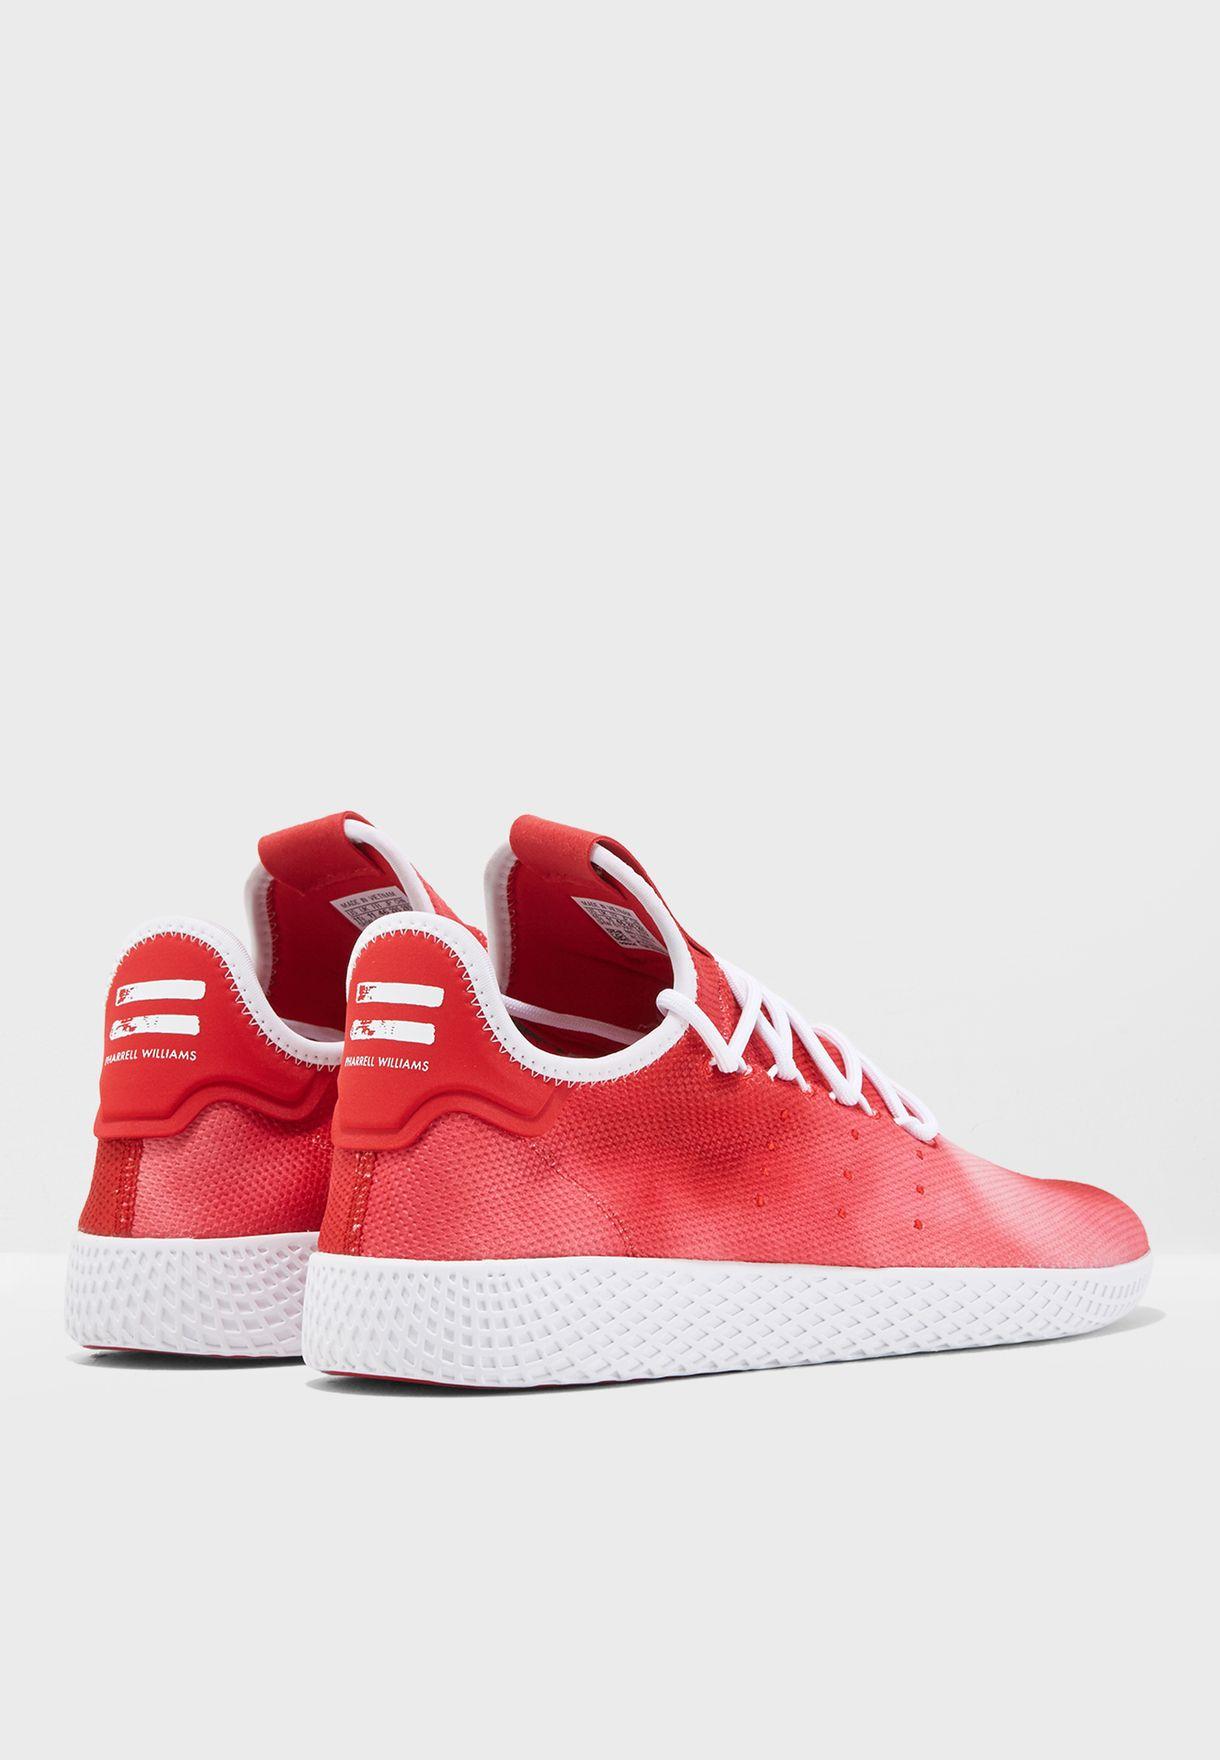 c06f848e2d8ba Shop adidas Originals red Pharrell Williams Hu Holi Tennis DA9615 ...